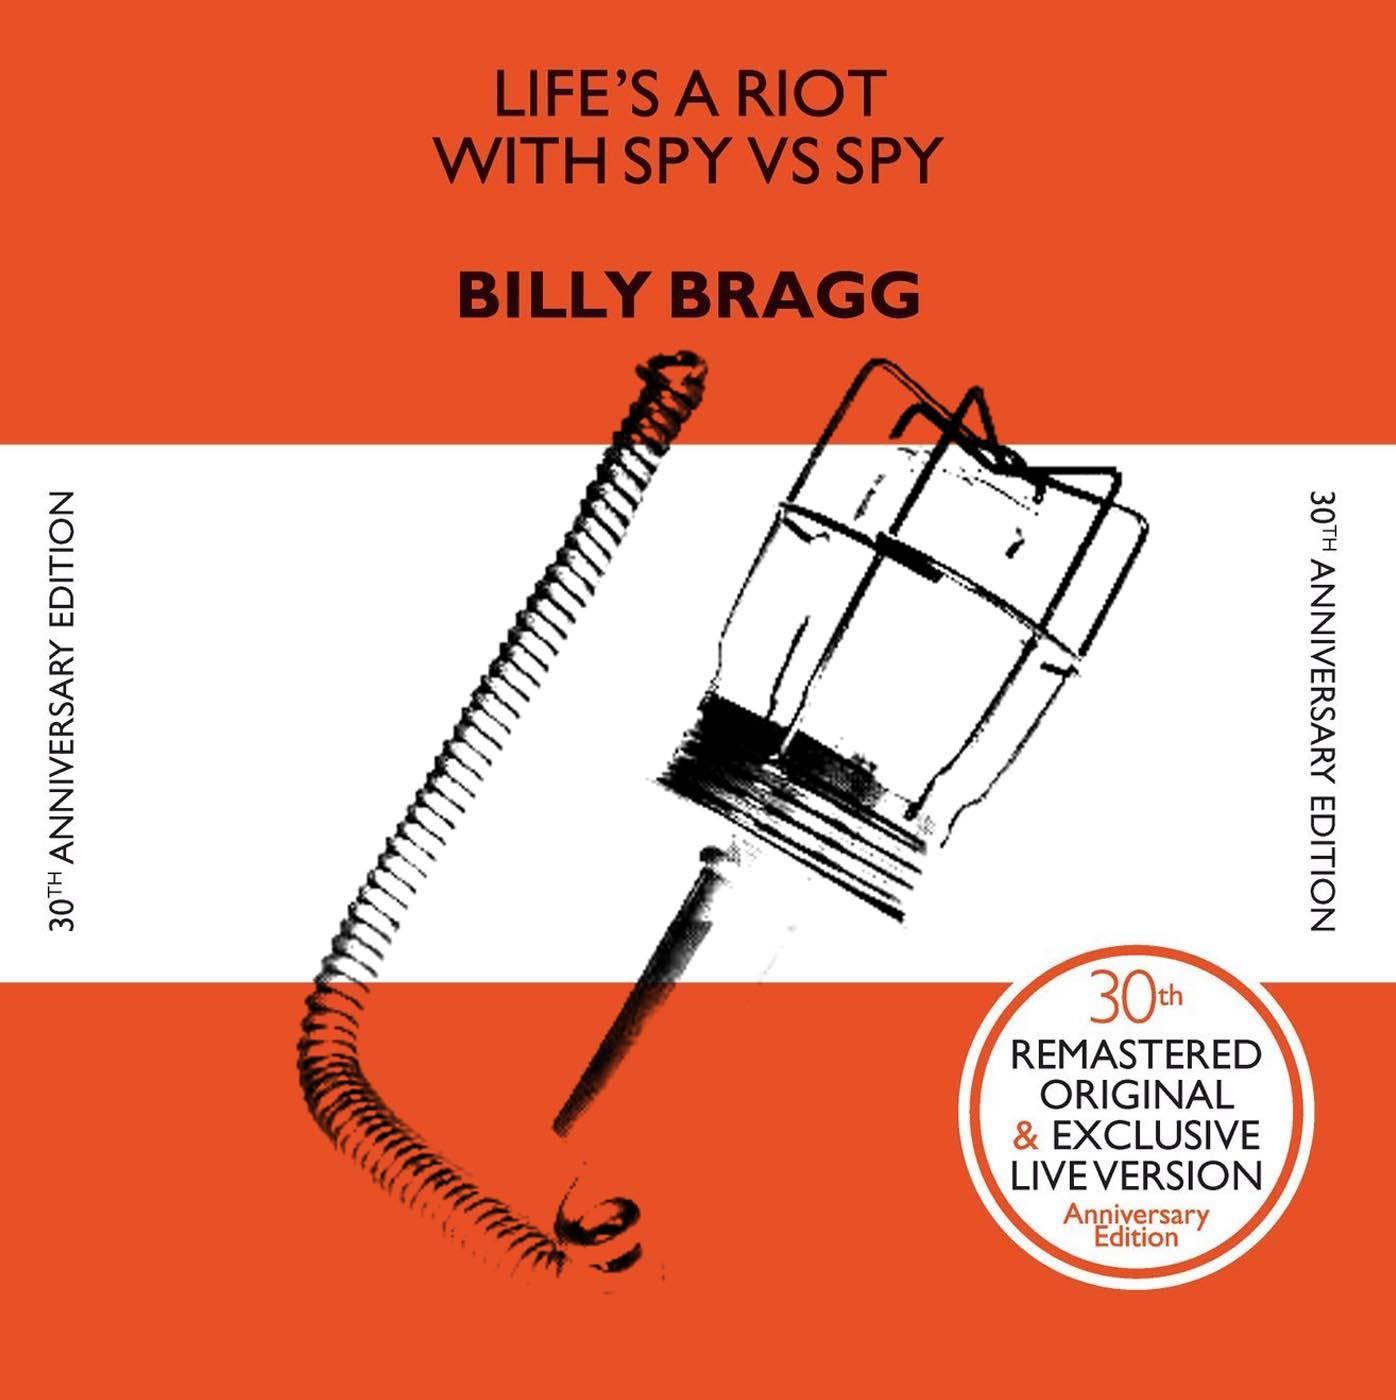 Billy Bragg - Life's a Riot with Spy vs. Spy 30th Anniversary Edition LP